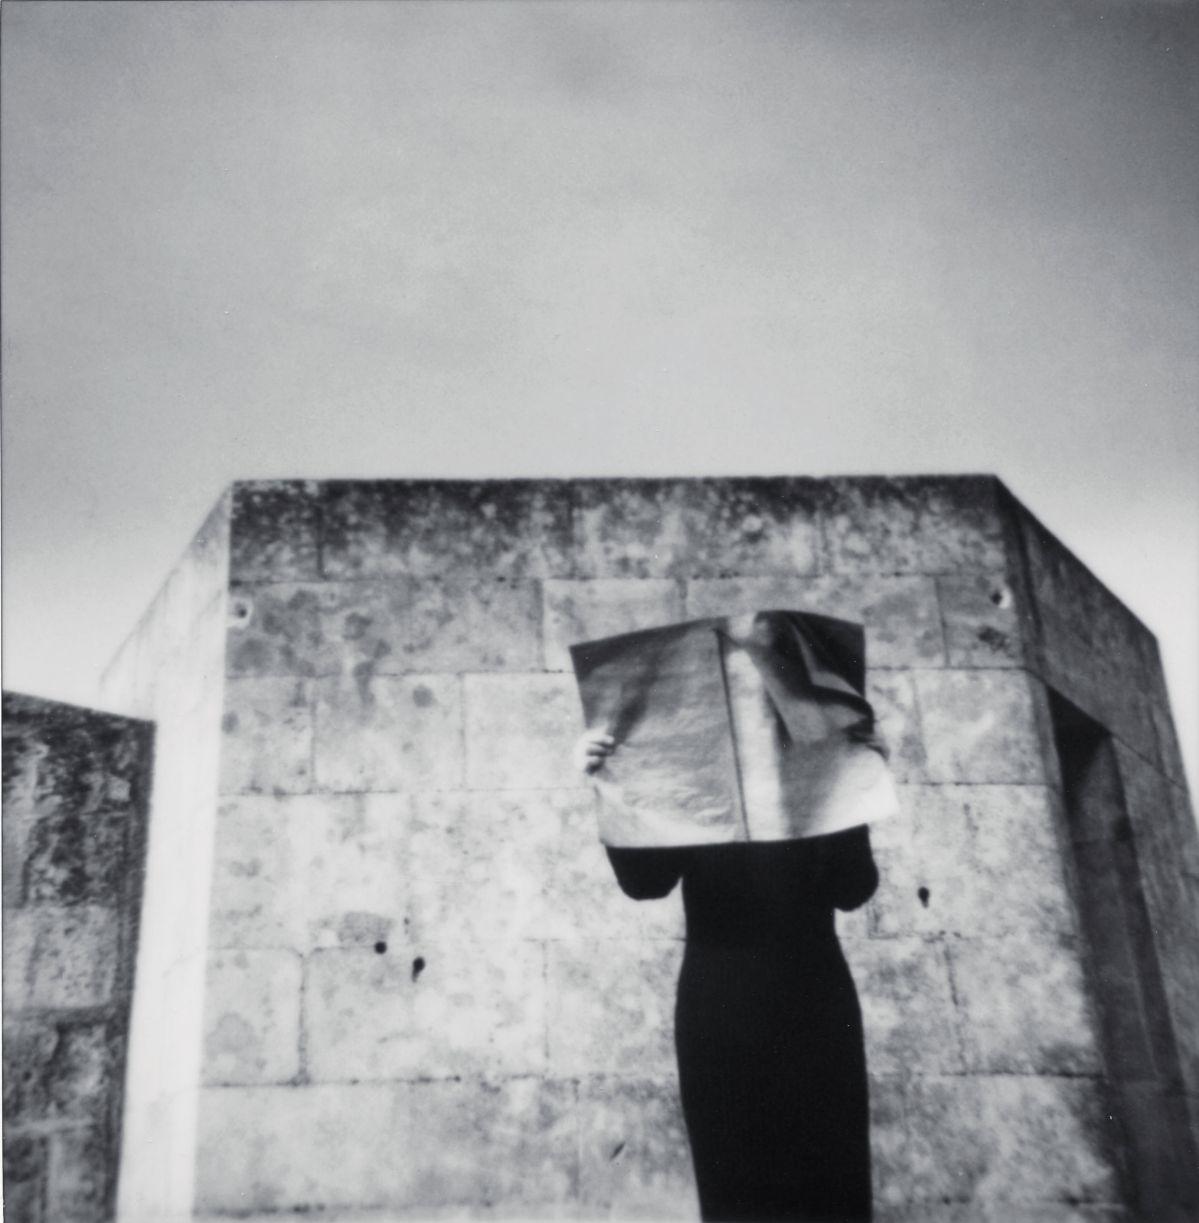 Corinne Mercadier - La Suite d'Arles (série). Église des Frères Prêcheurs I Arles, 2003. Tirage sur papier baryté. 101 x 99 cm